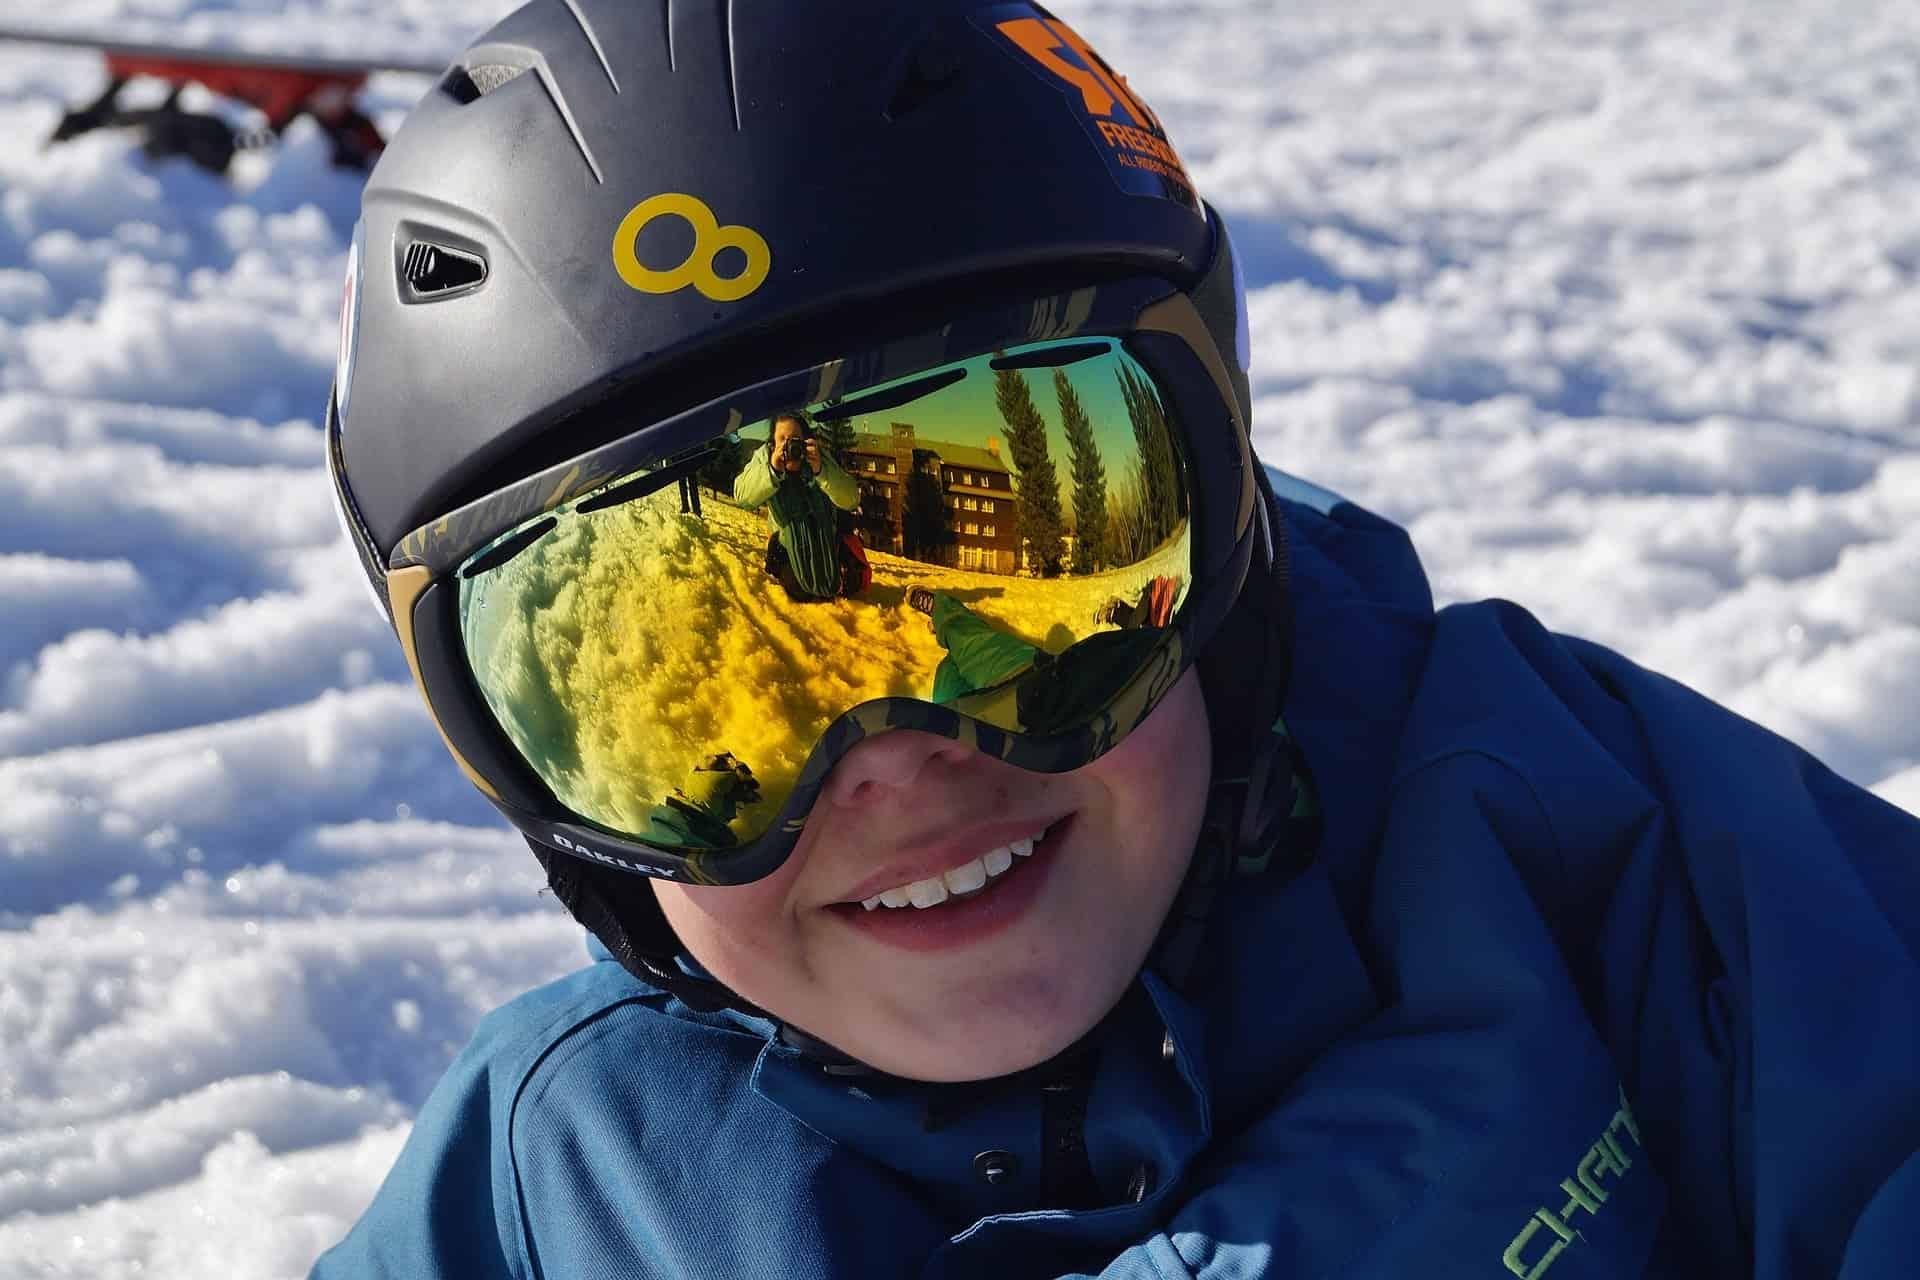 Skibrille: Test & Empfehlungen (01/20)